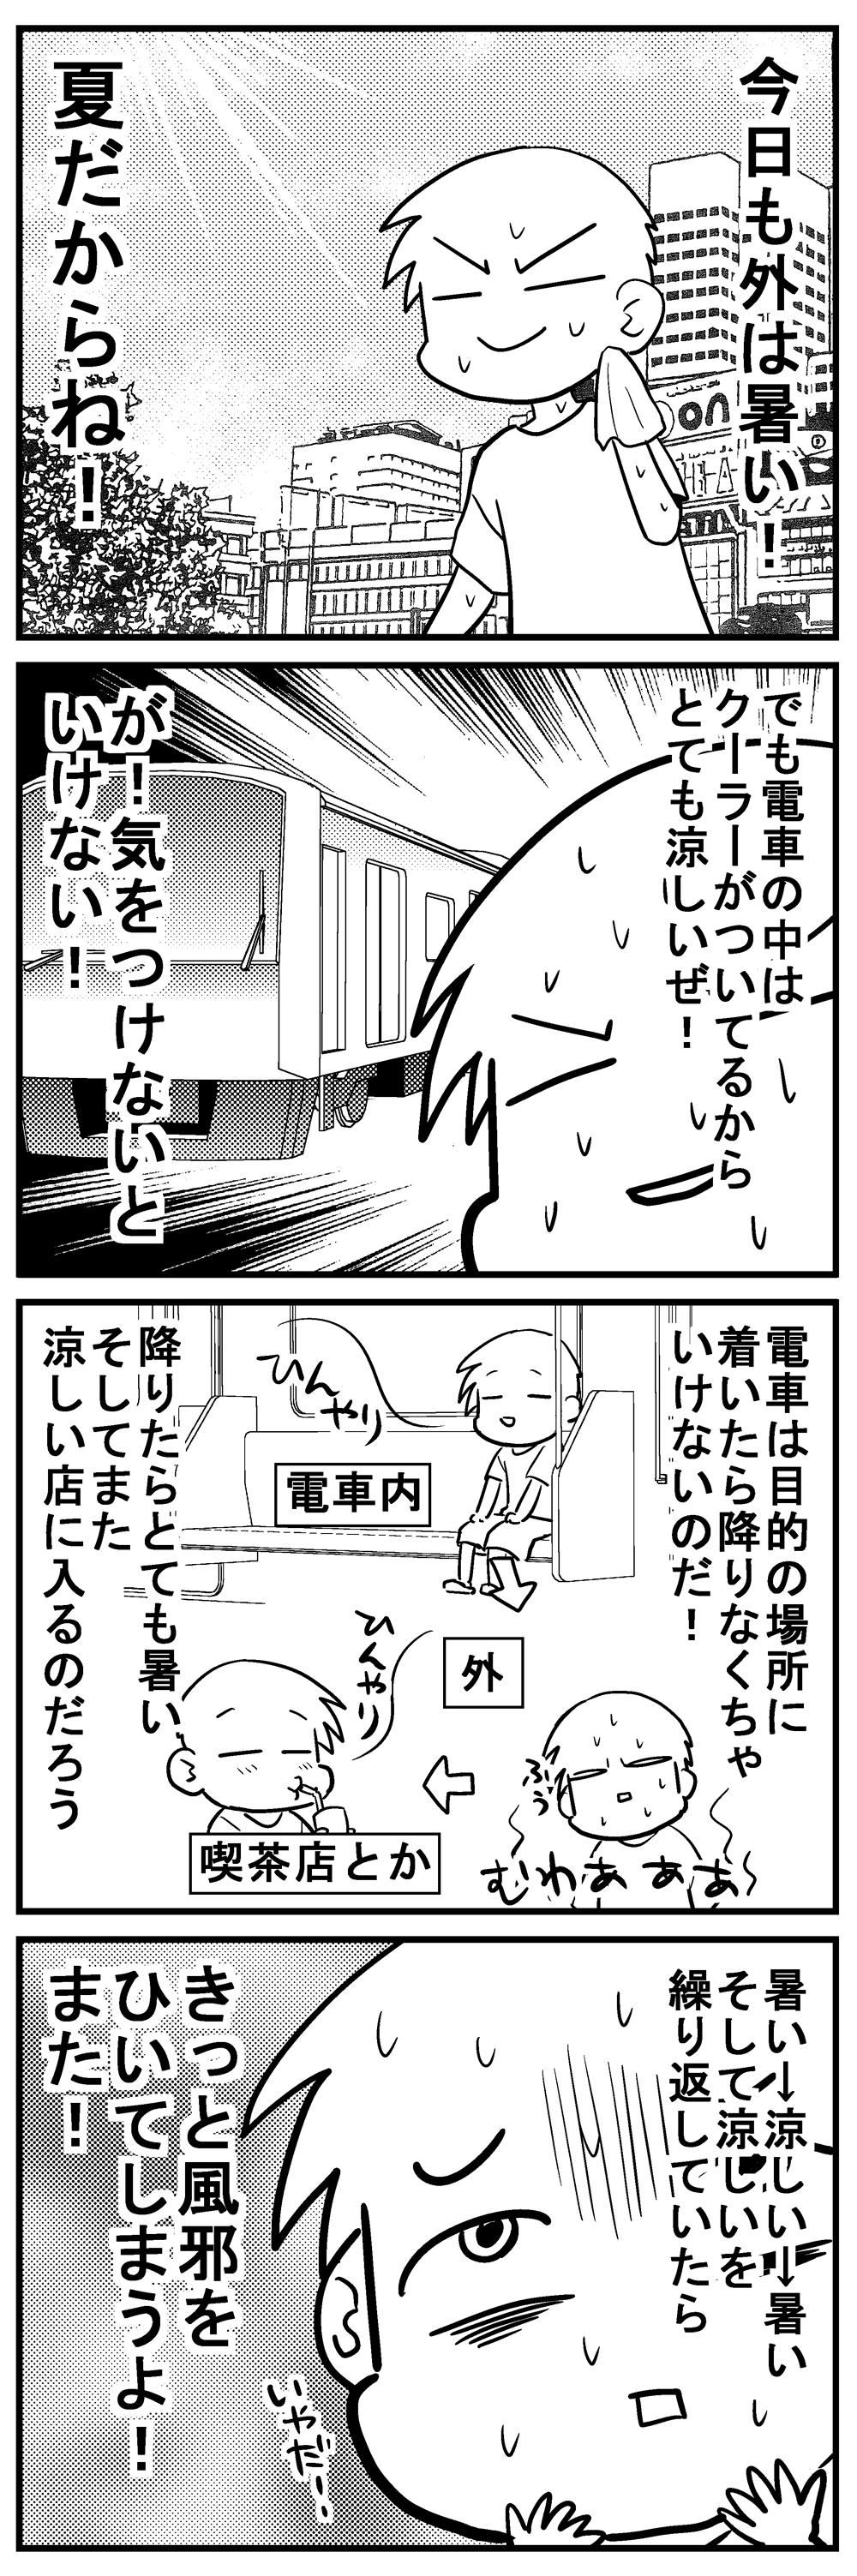 深読みくん68-1